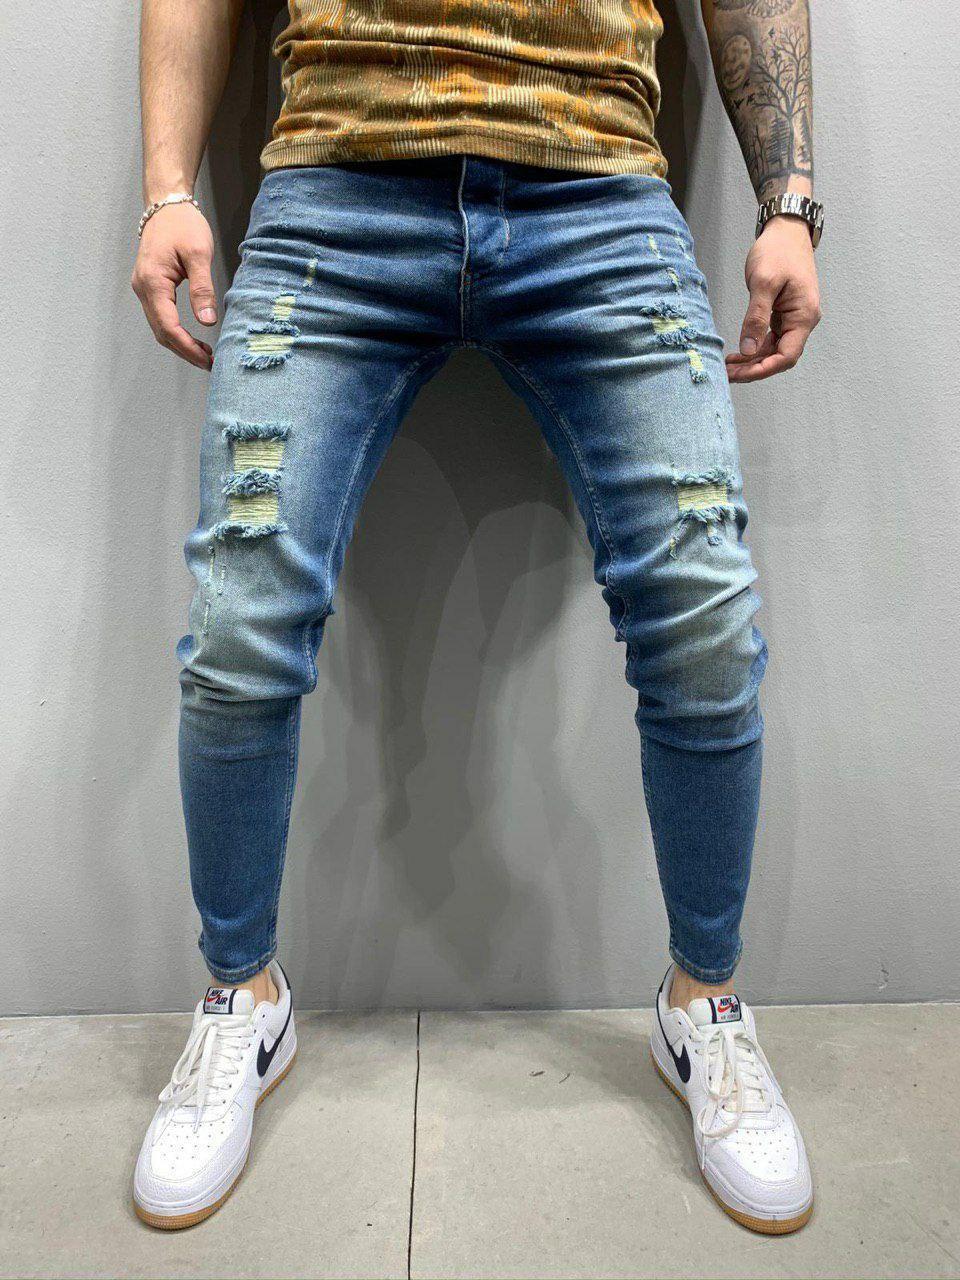 Мужские зауженные джинсы синие с разрывами, размеры 30, 31, 34